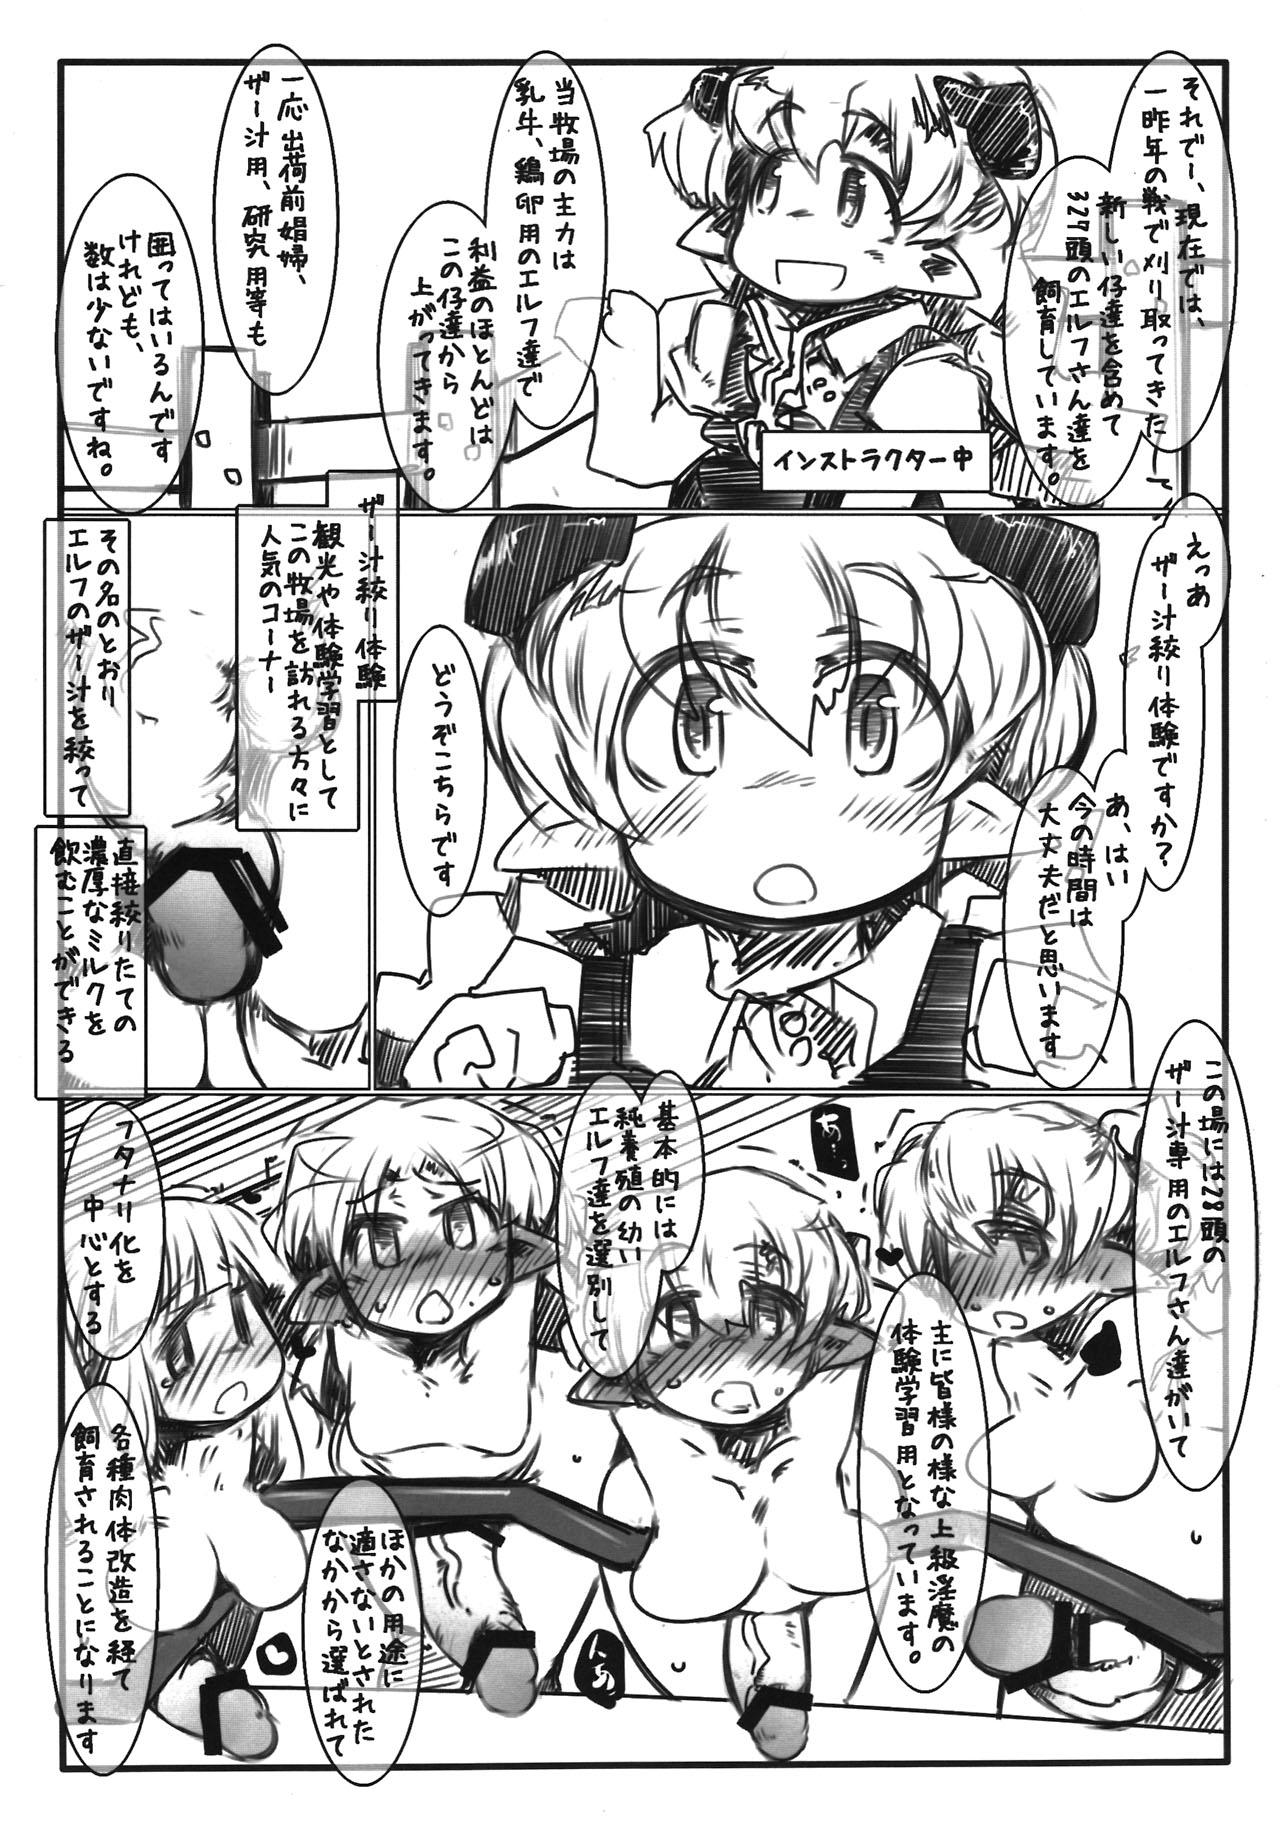 Elf Bokujou - SeJiru Shibori Taiken Hen 2